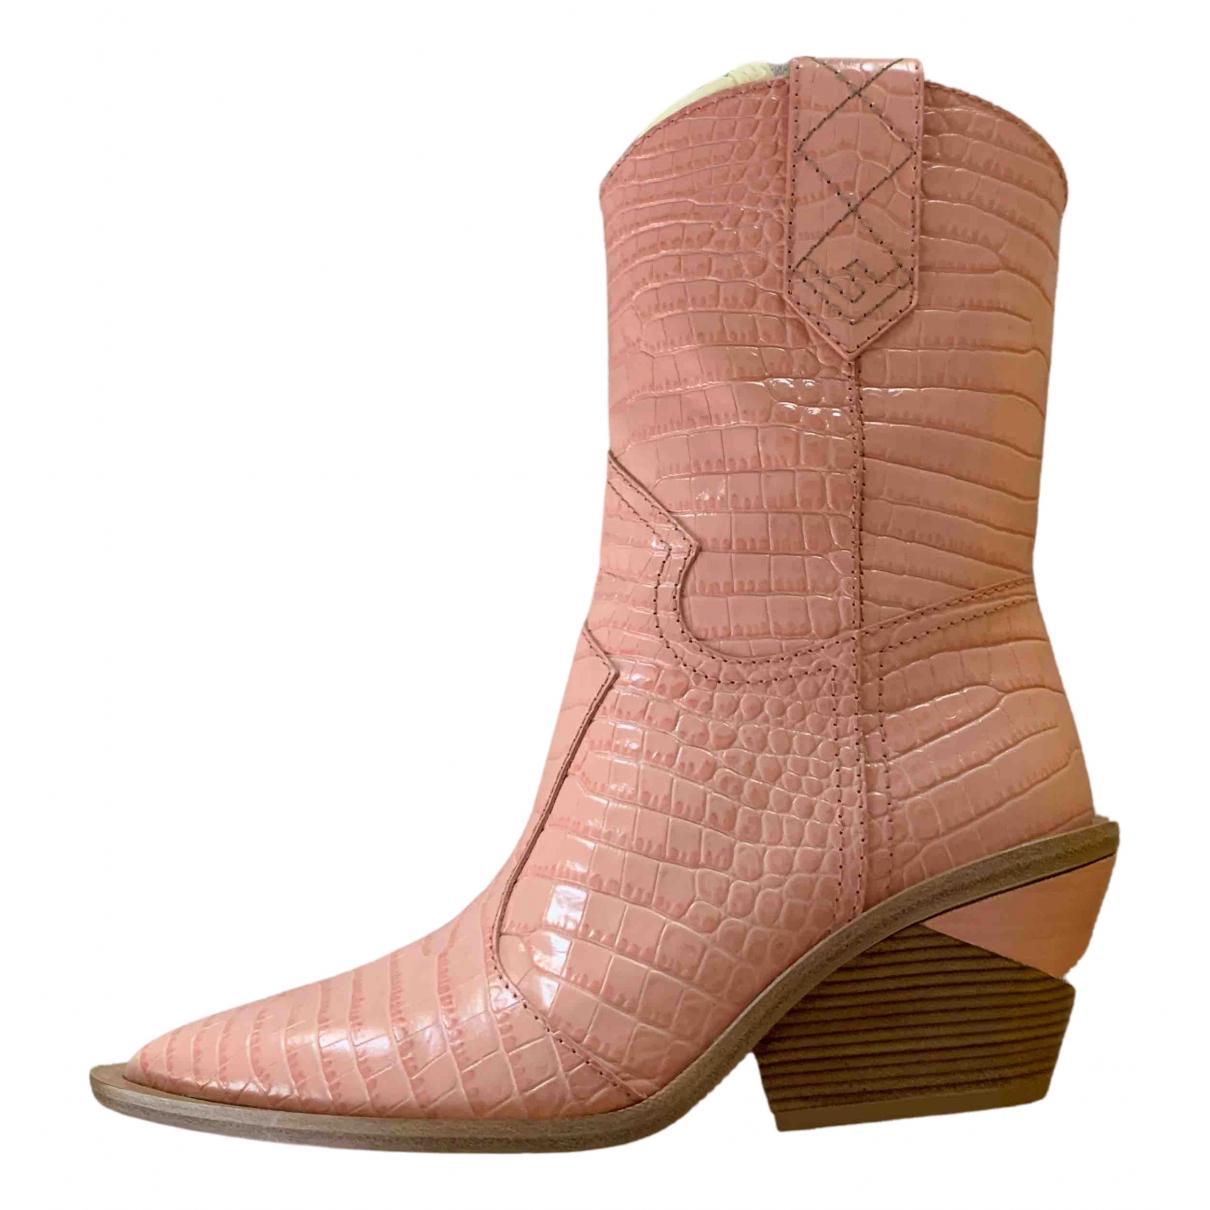 Fendi - Bottes Cowboy pour femme en cuir - rose